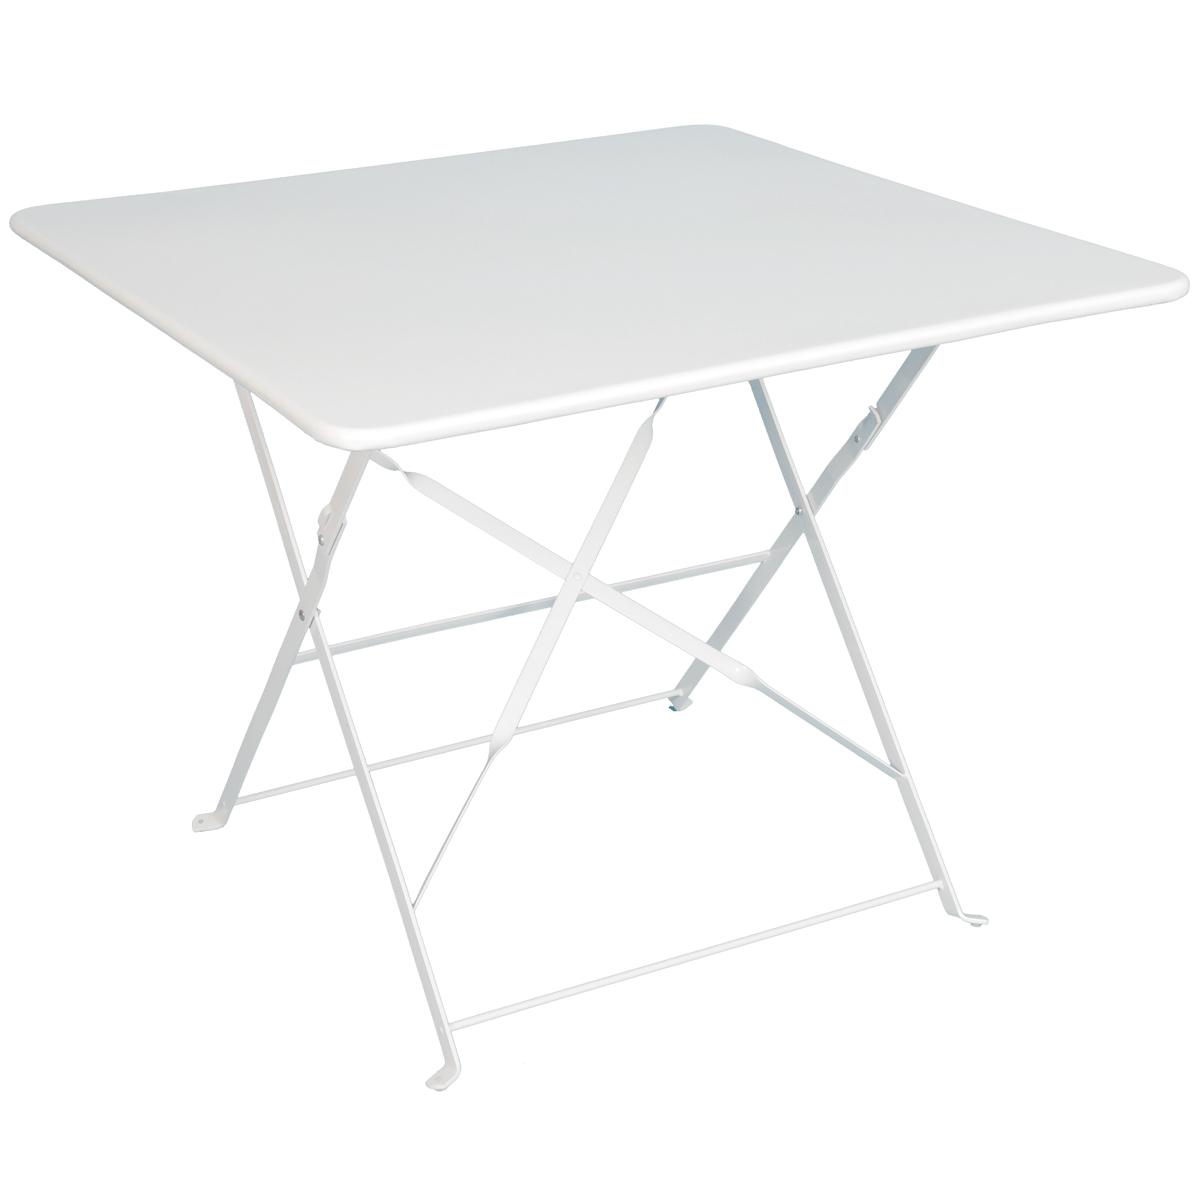 Table jardin metal blanche des id es int ressantes pour la conception de des for Dessin de table de jardin